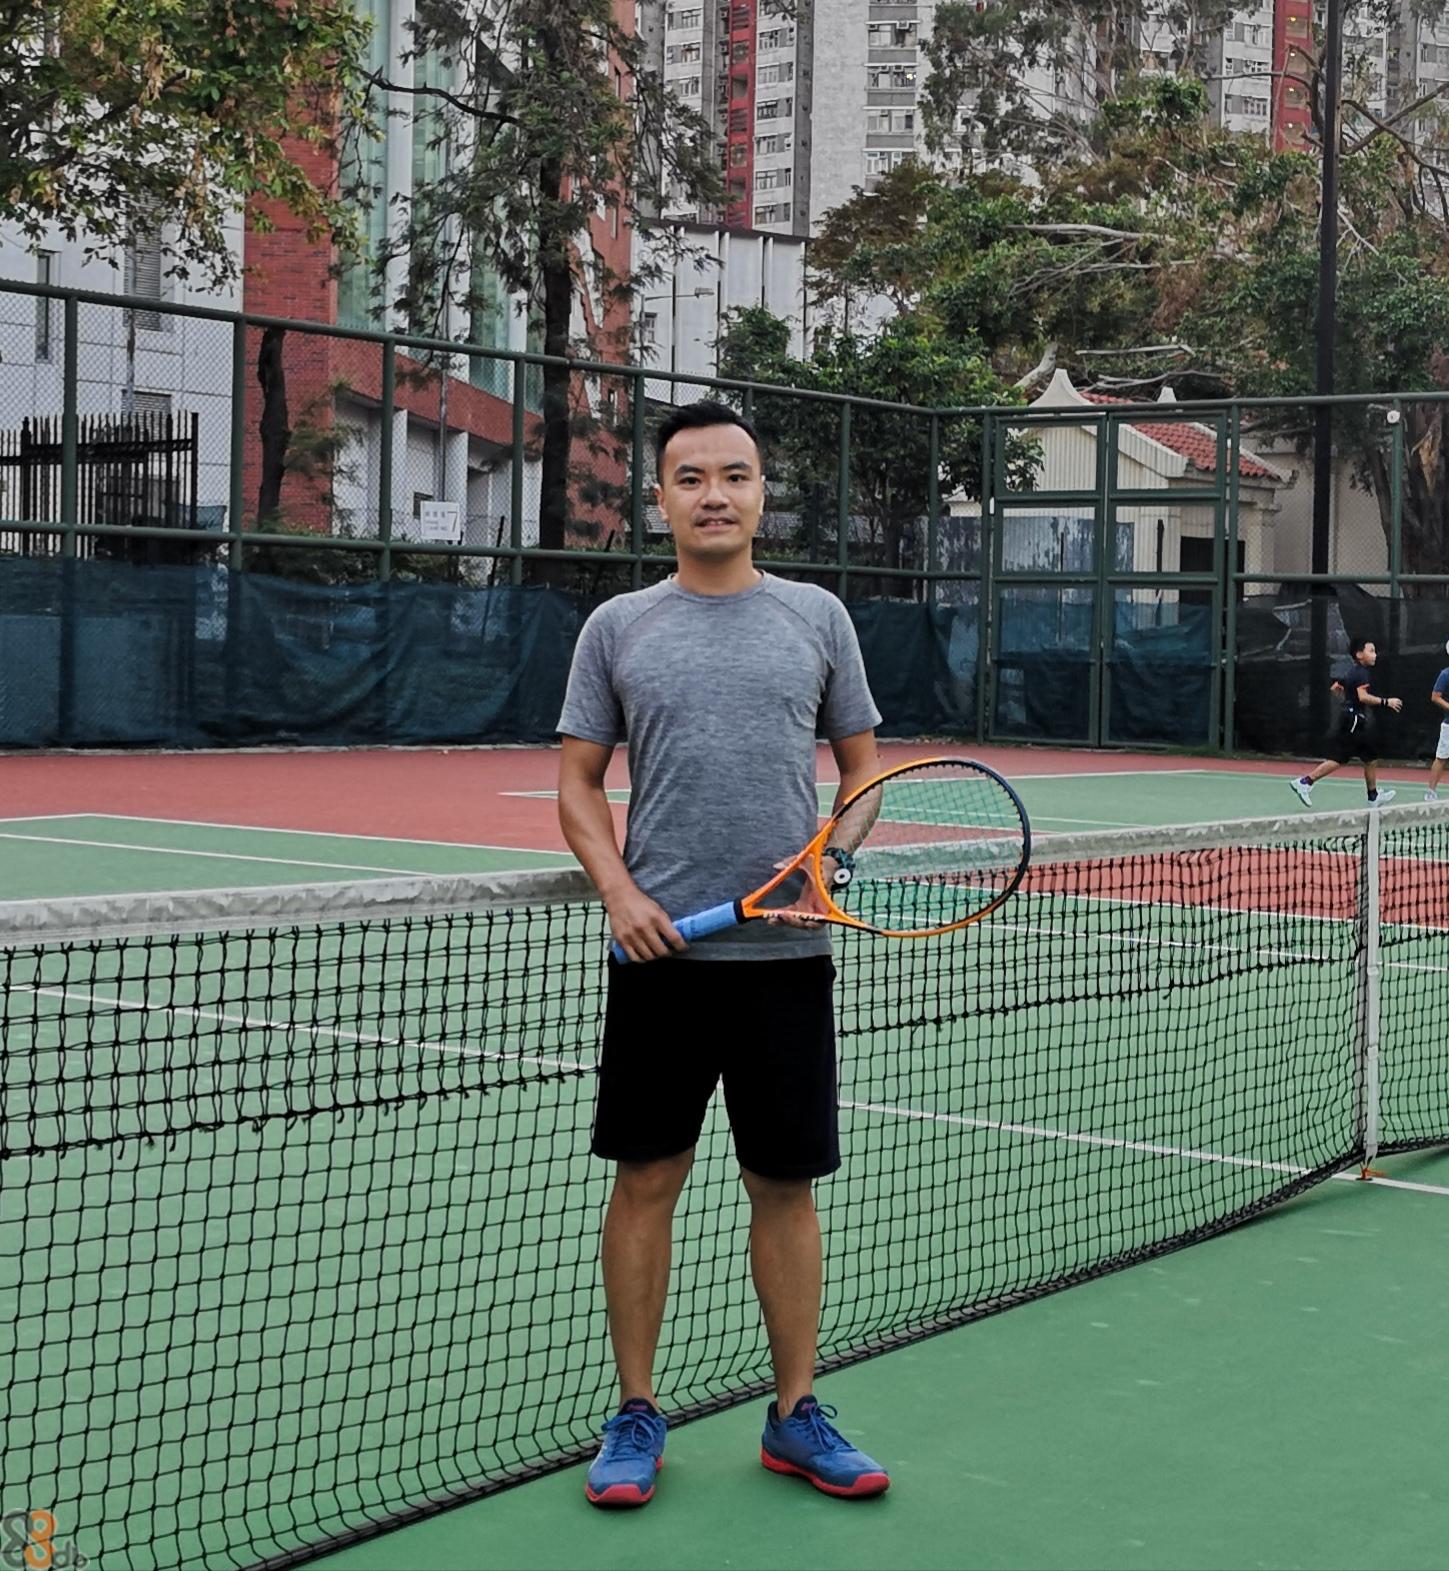 rackets,tennis,racket,racquet sport,tennis court